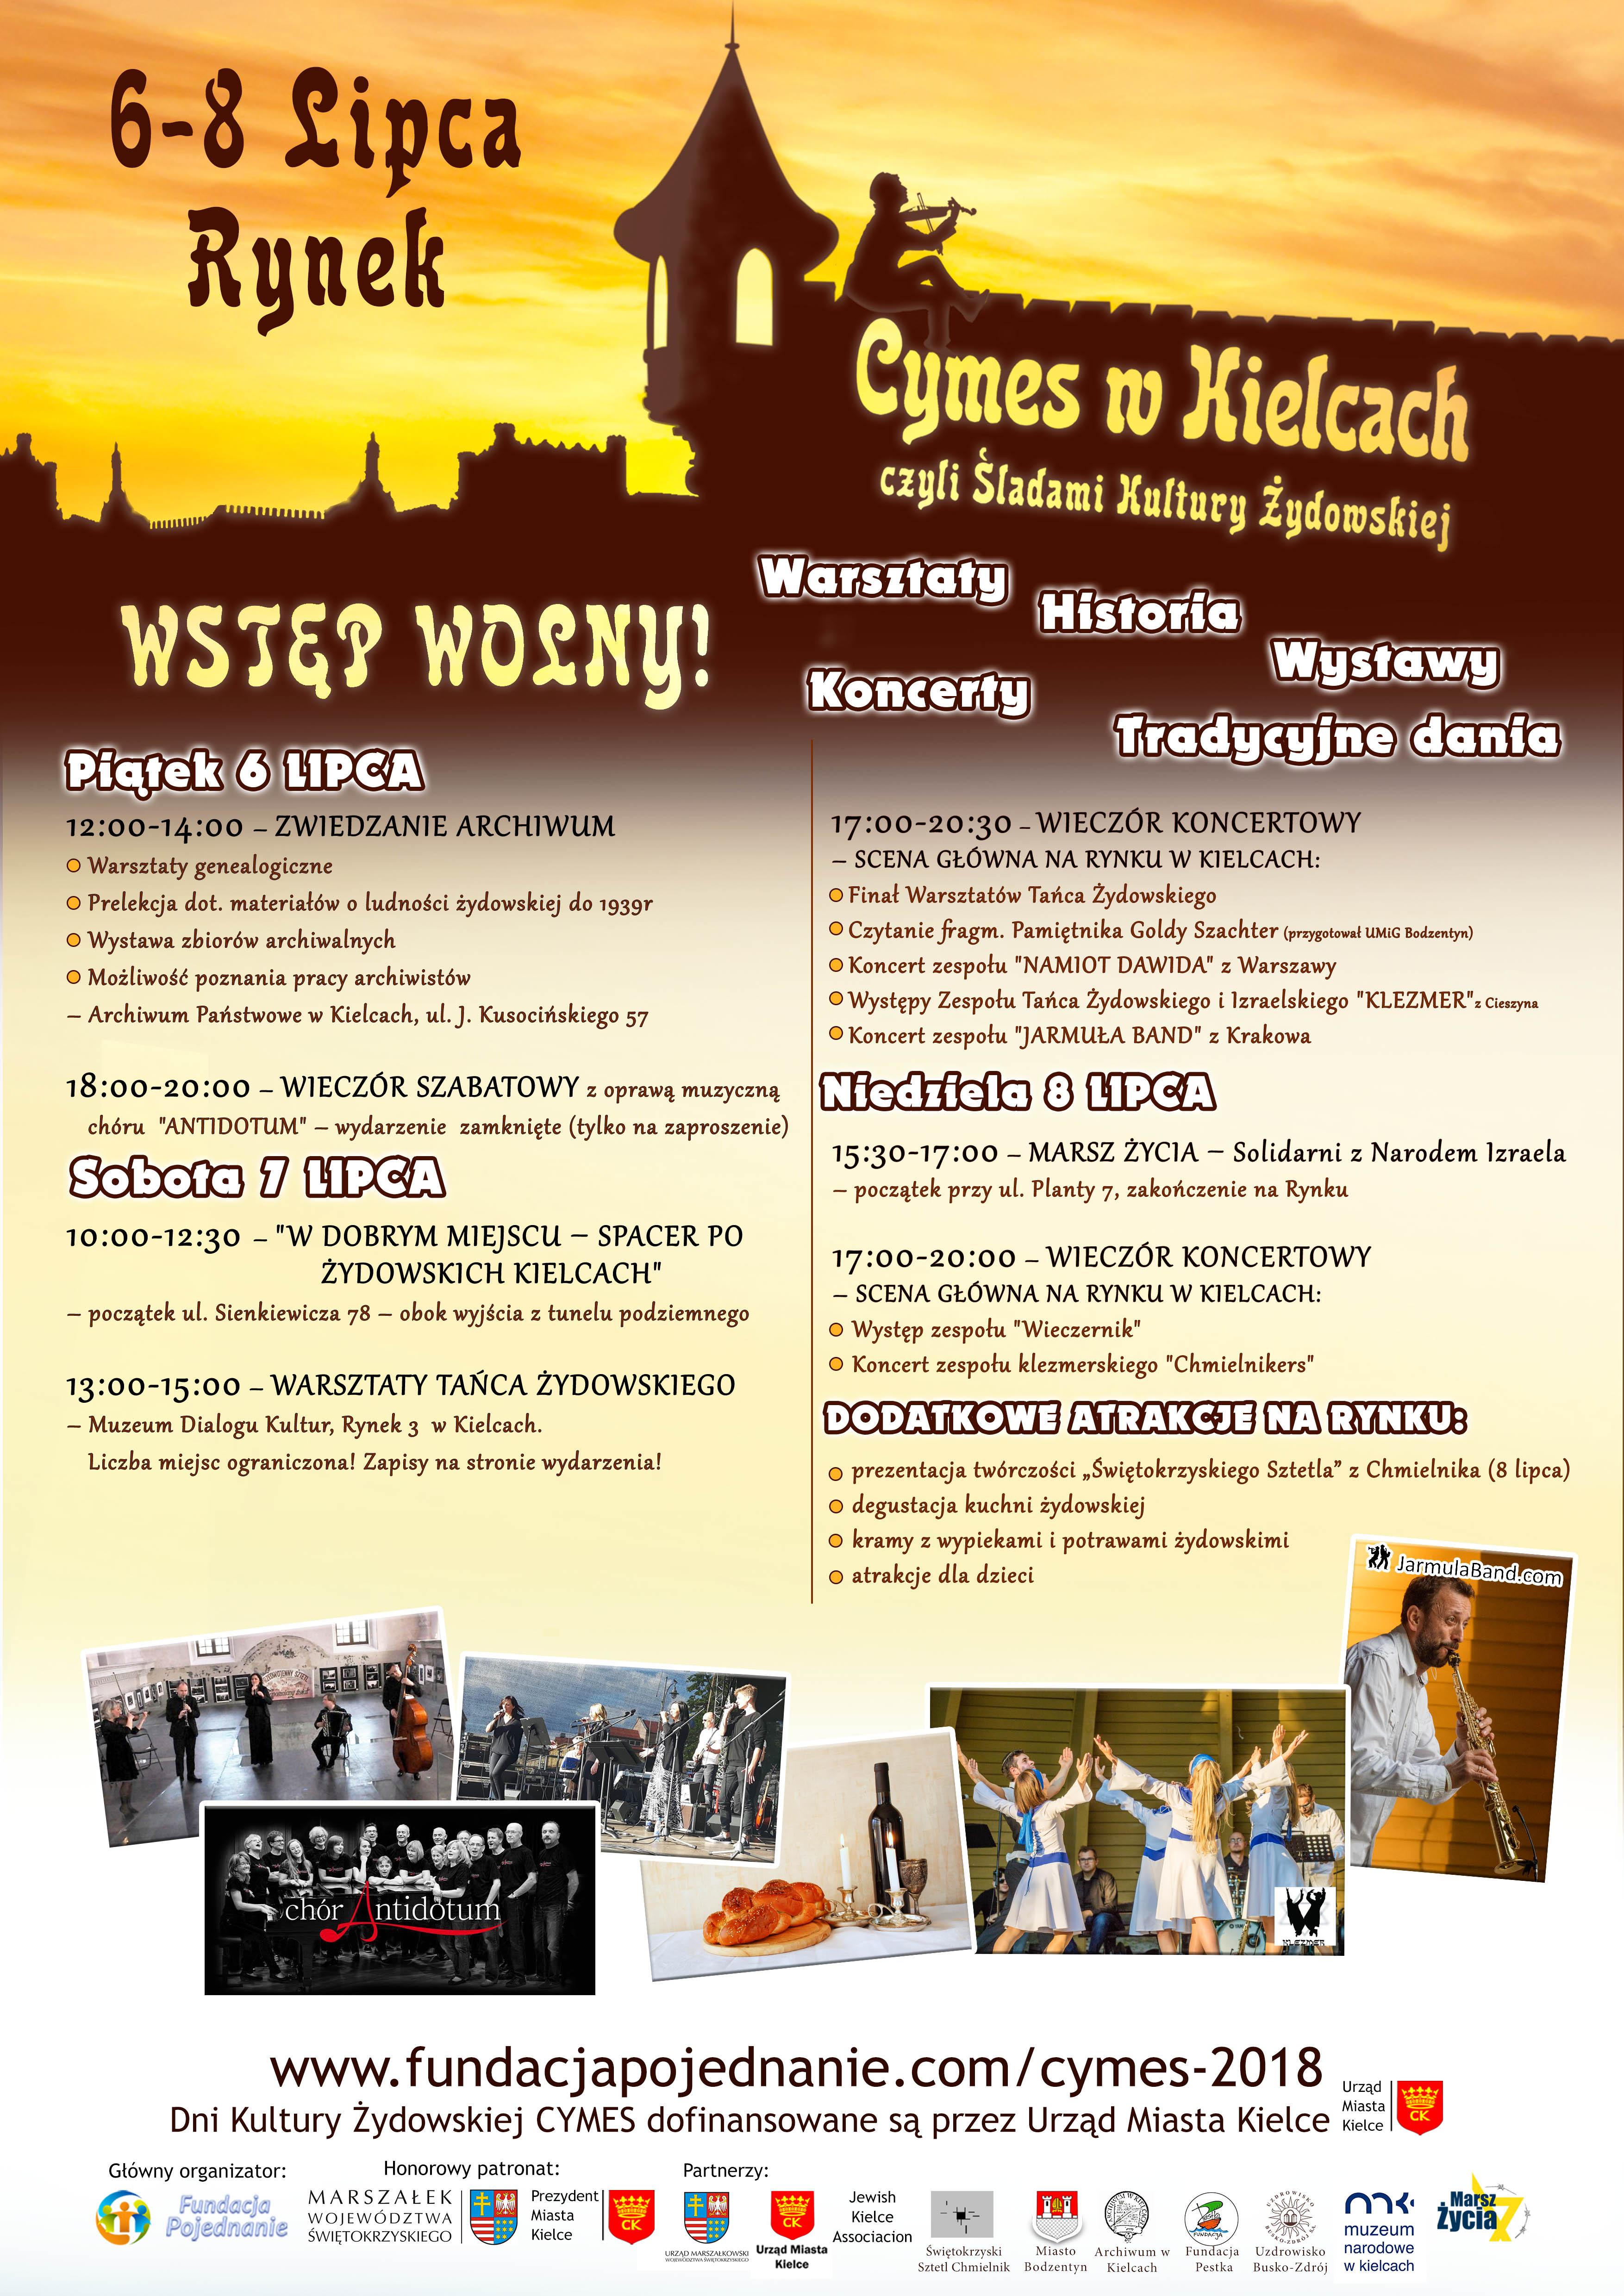 Cymes W Kielcach Czyli śladami Kultury żydowskiej 6 8